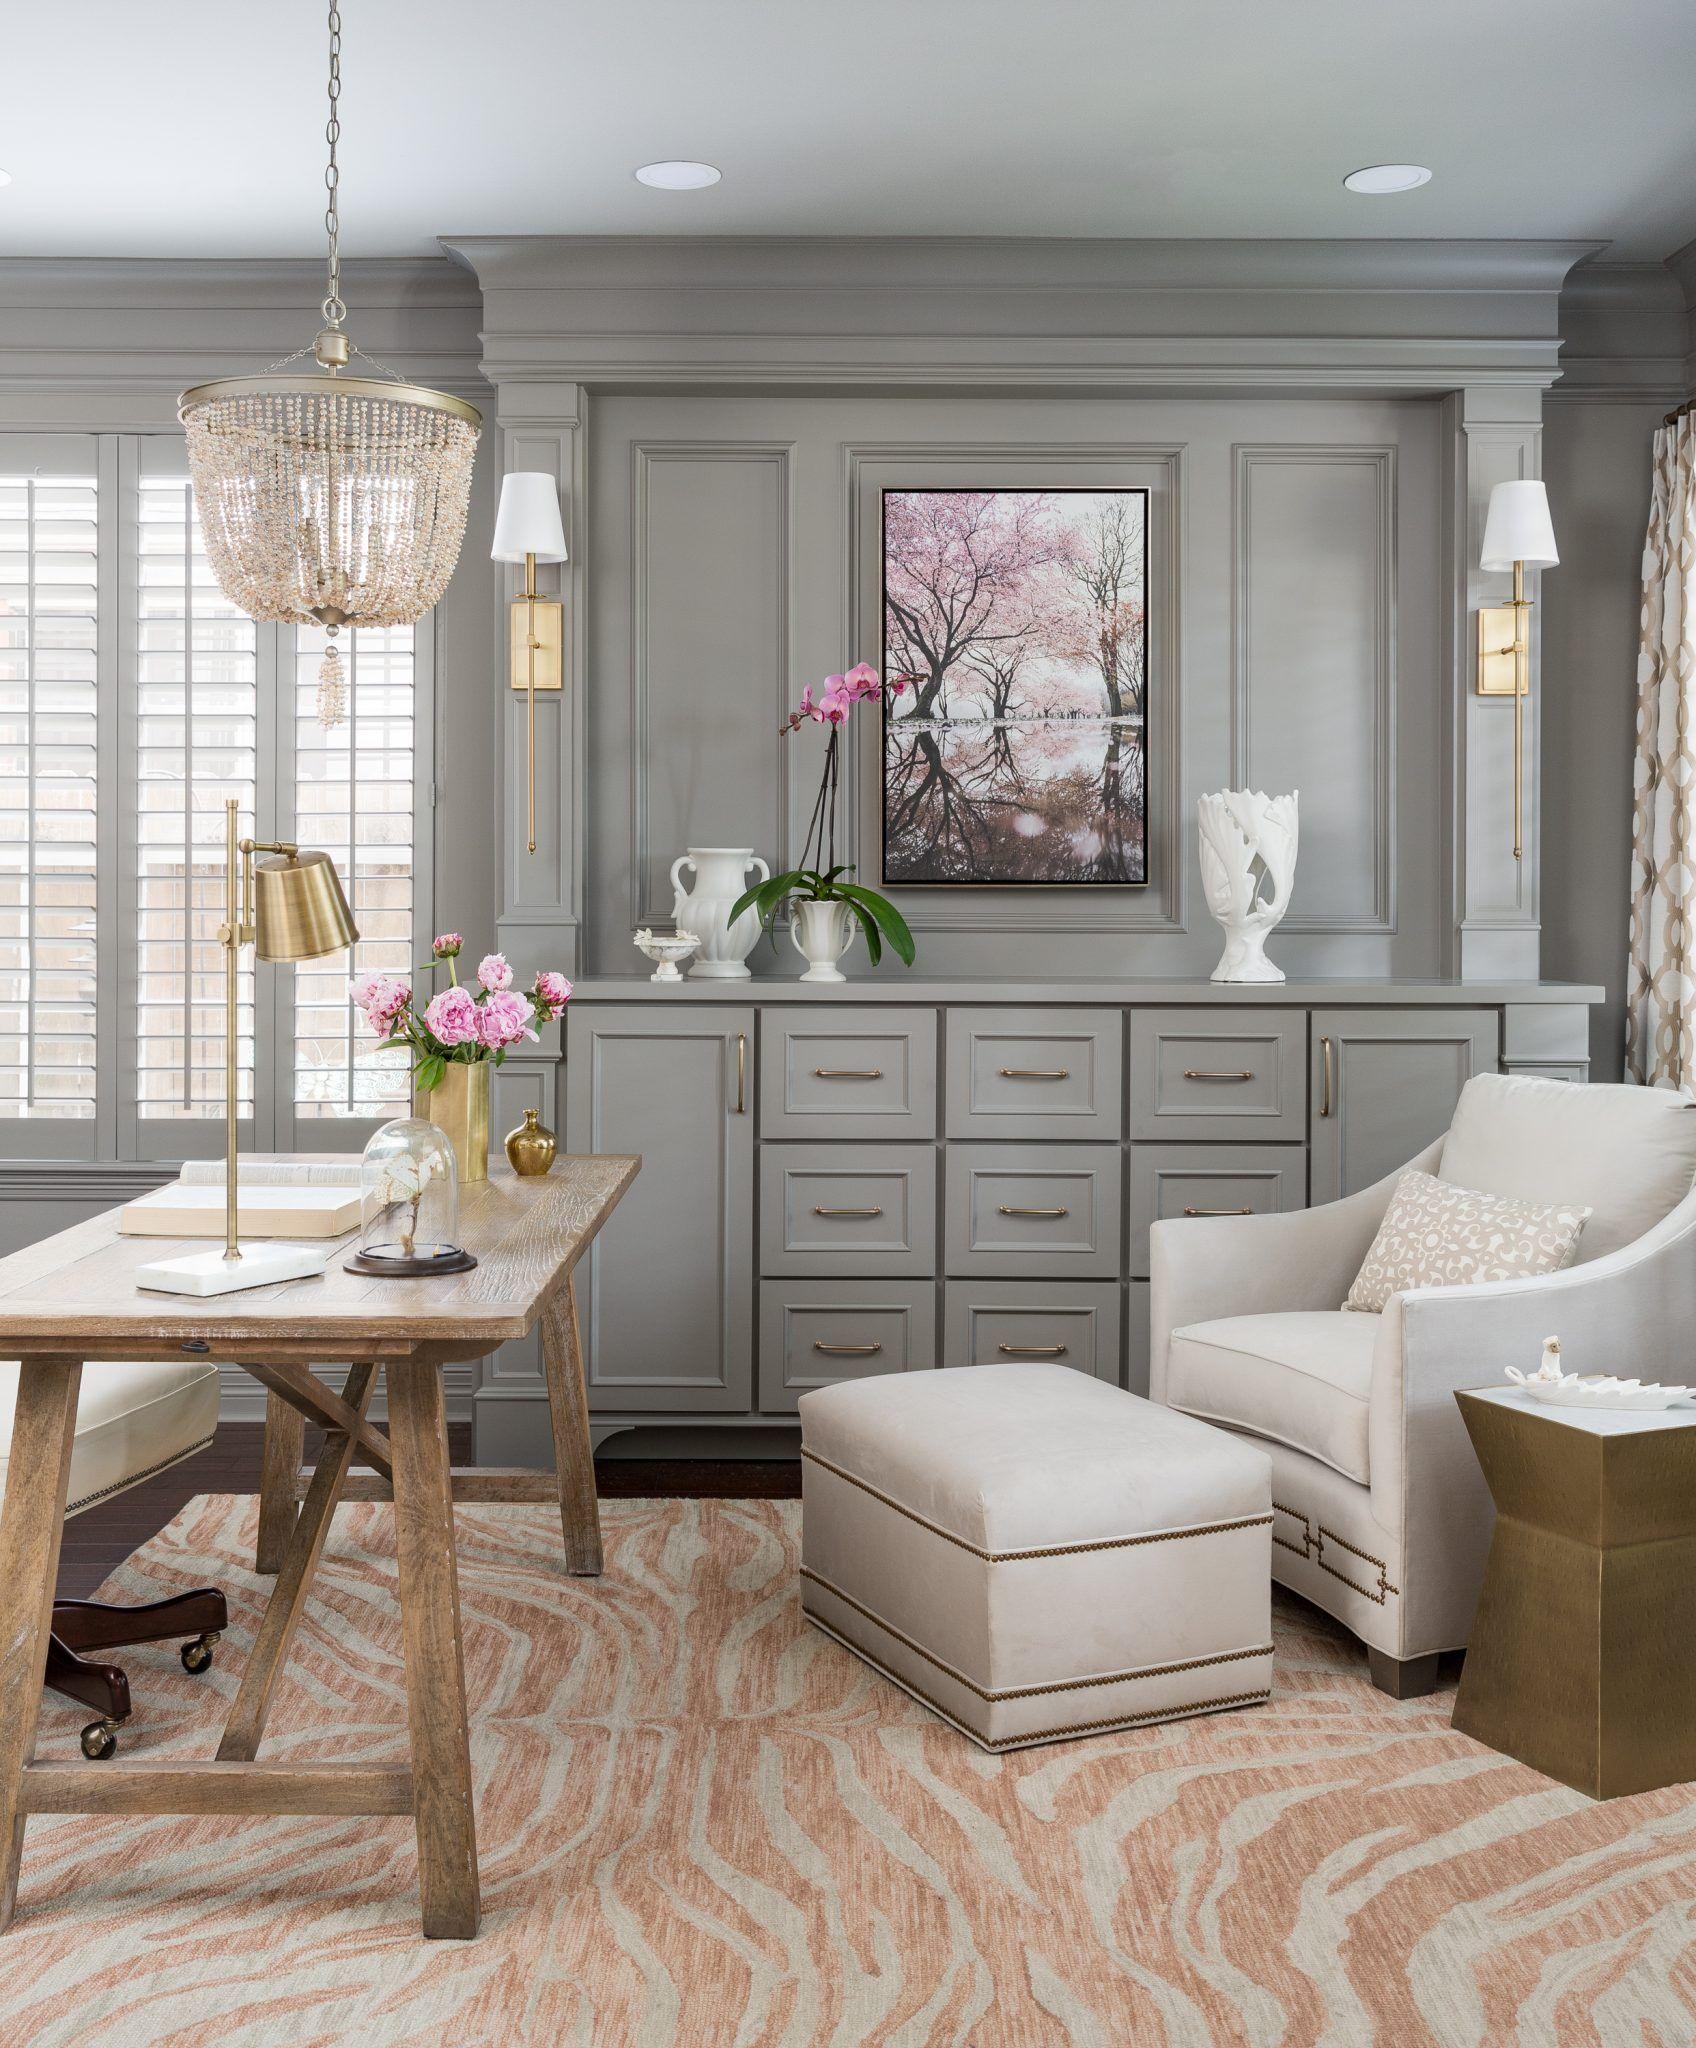 Home Design Ideas Classy:  Design Behind The Design : Amazing Rustic Elegant Home